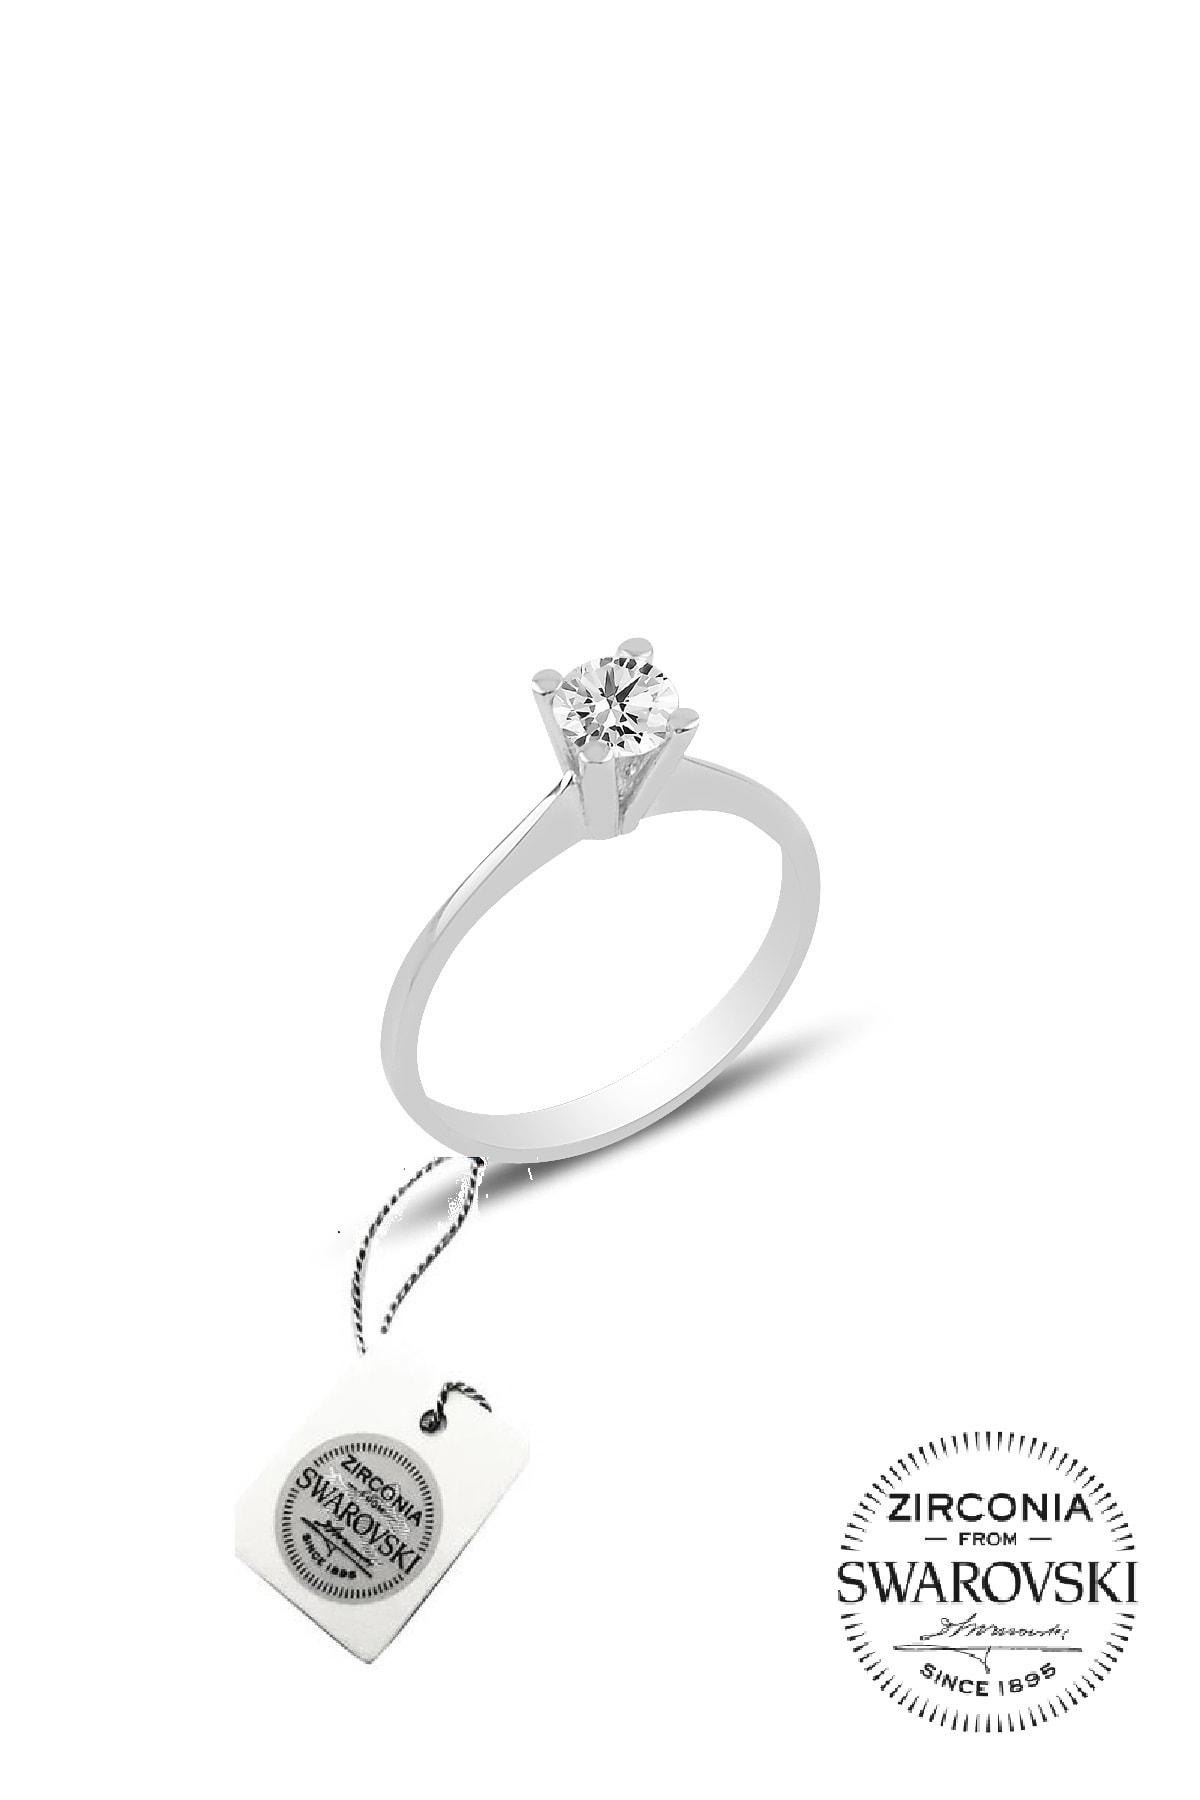 Söğütlü Silver Kadın Gümüş Swarovski Tek Taş Yüzük 14 SGTL20506A 1